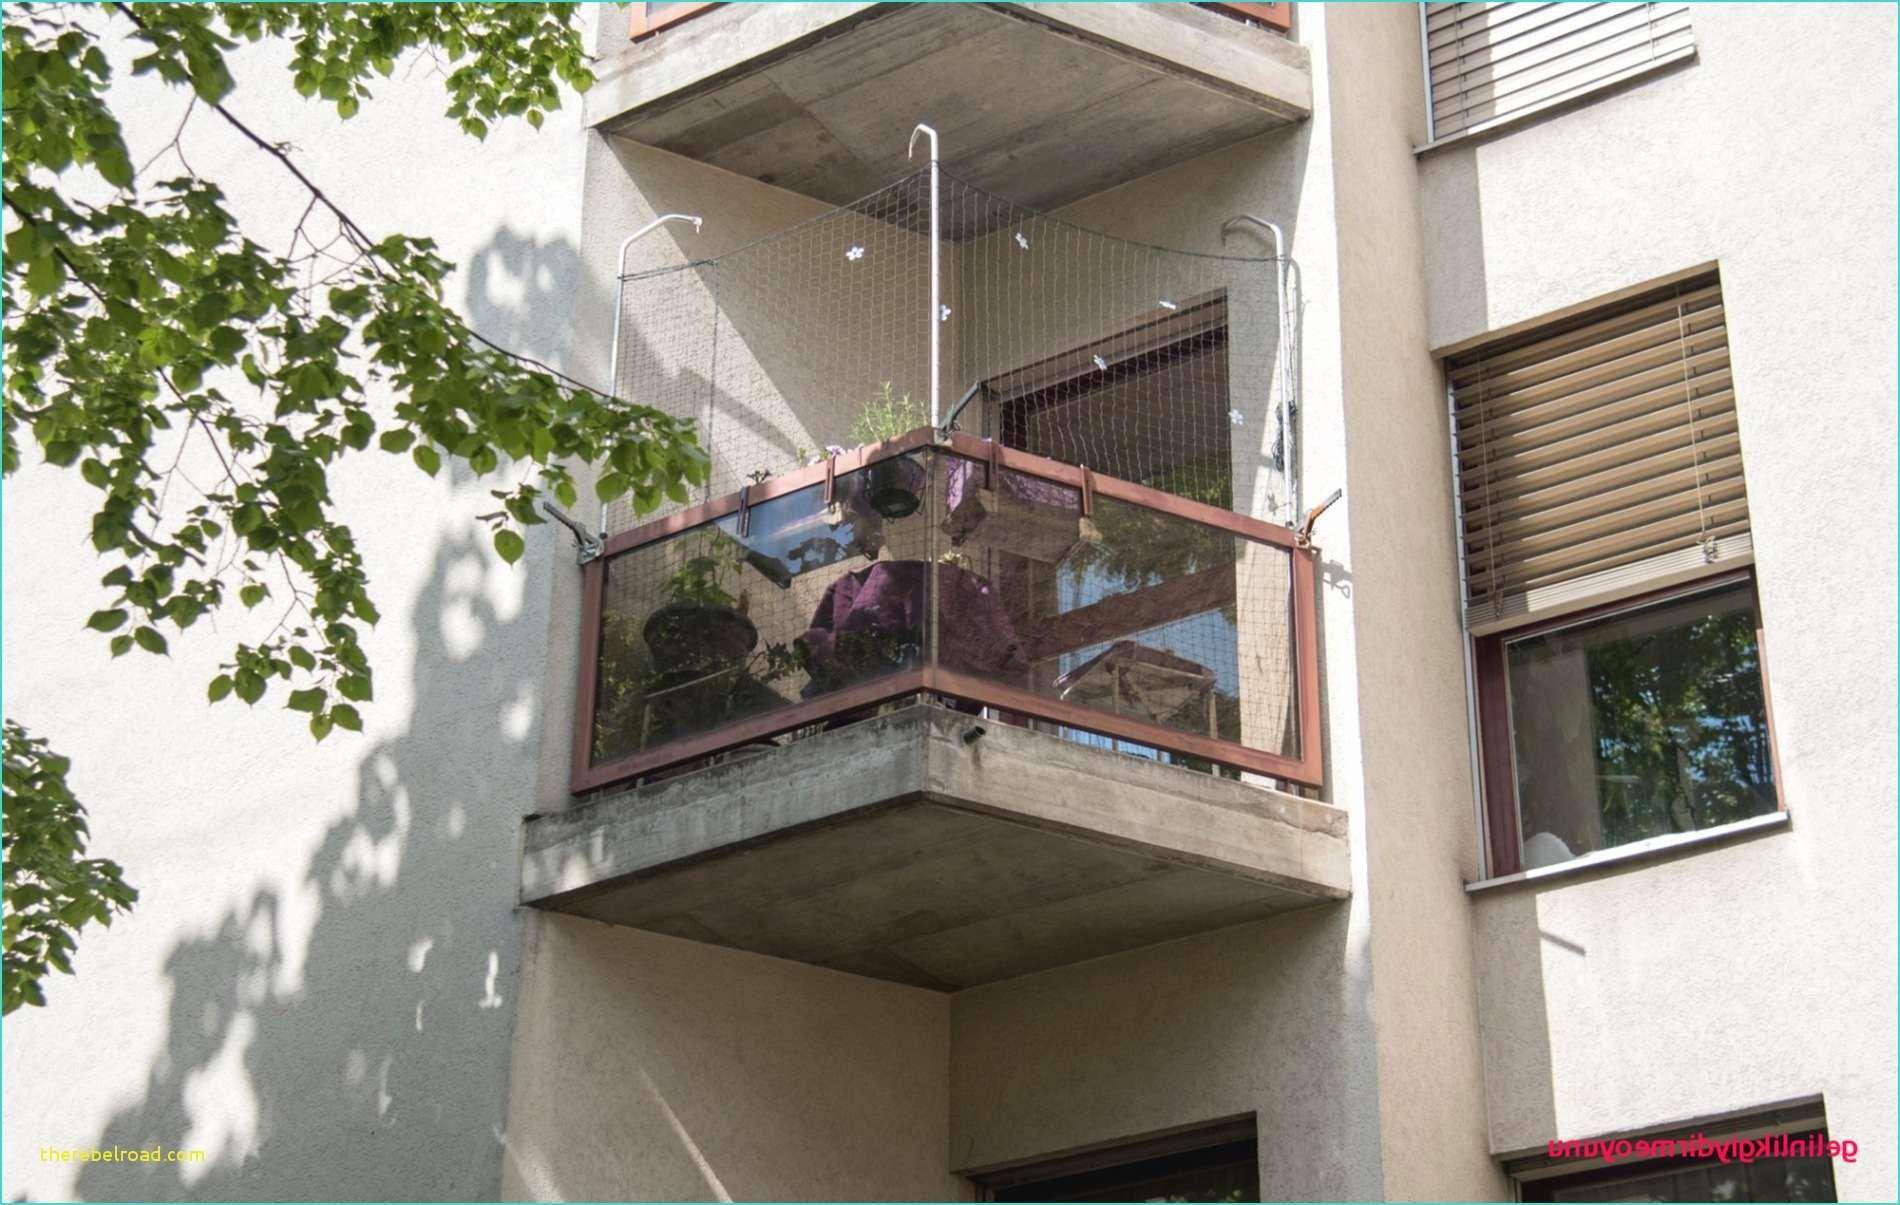 Full Size of Balkon Sichtschutz Bambus Ikea Ideen 44 Zum Sichtschutzfolie Fenster Einseitig Durchsichtig Für Sichtschutzfolien Küche Kaufen Garten Im Modulküche Wohnzimmer Balkon Sichtschutz Bambus Ikea